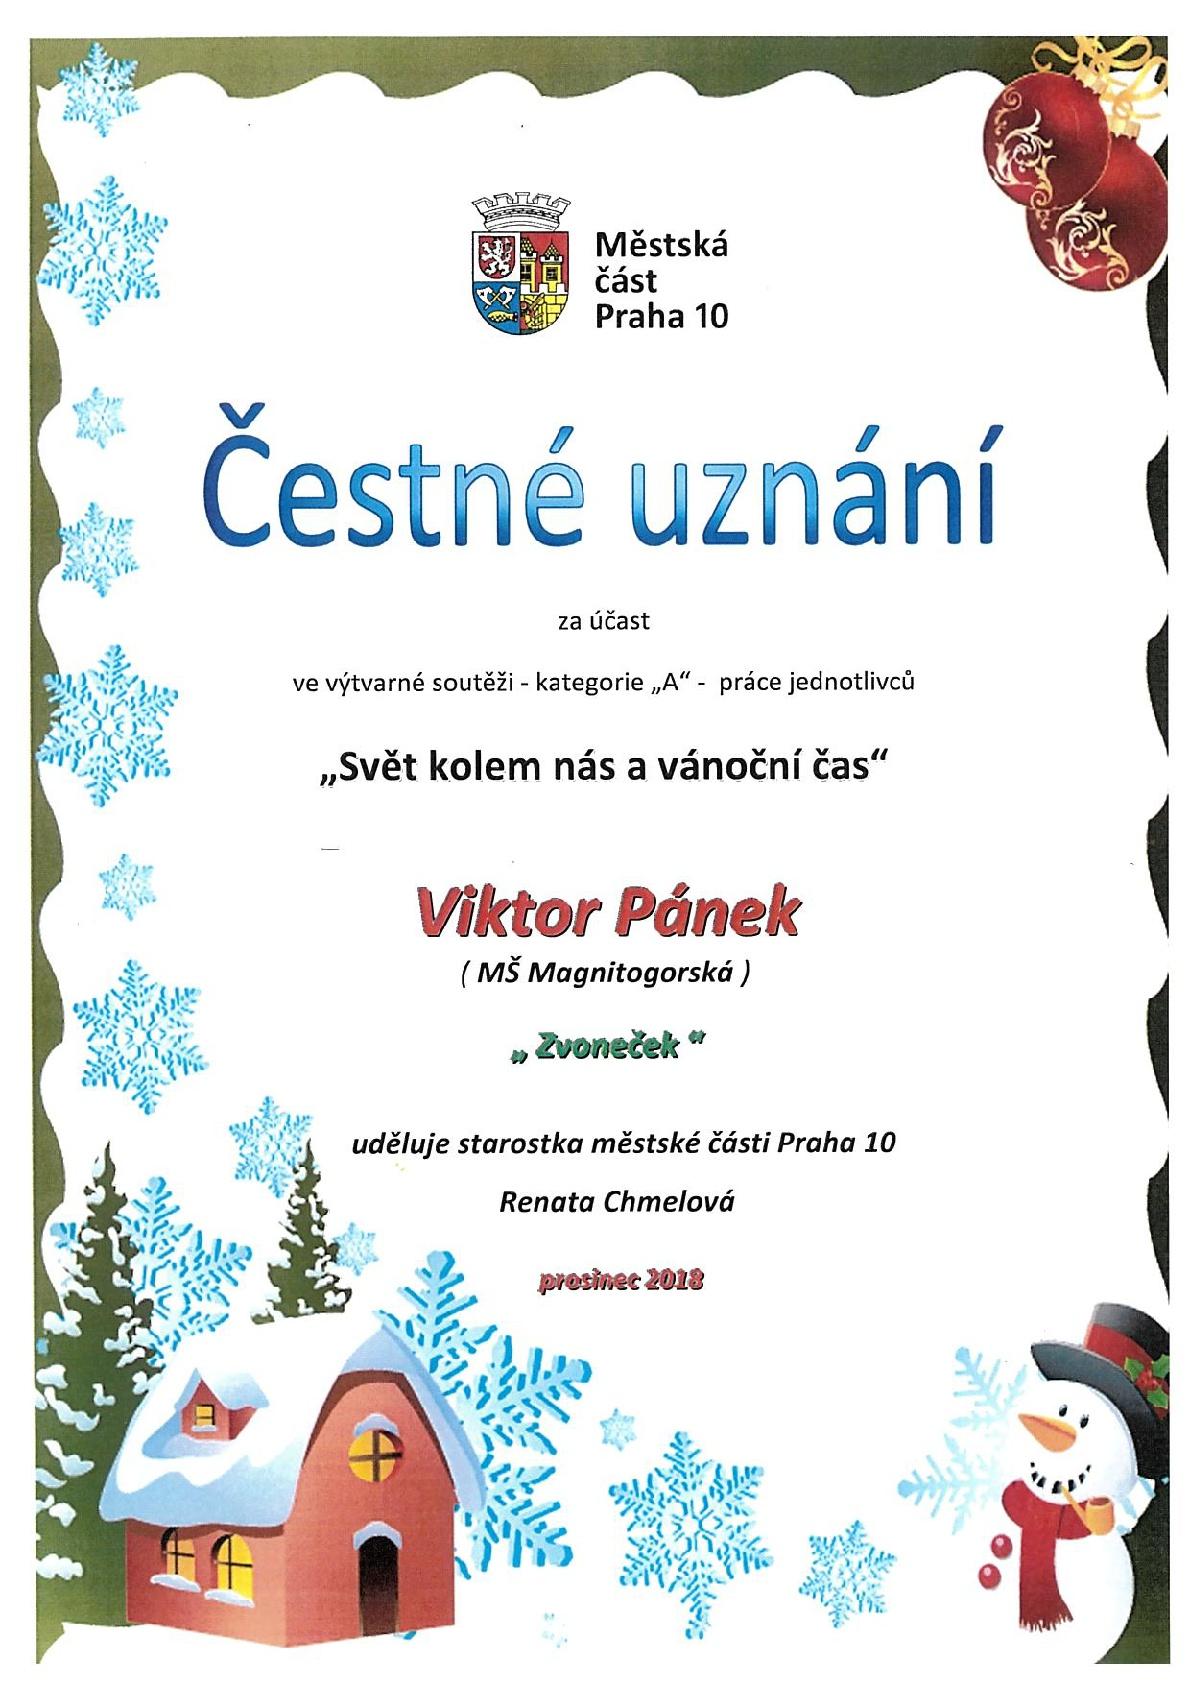 Svět kolem nás a vánoční čas: Diplom pro Viktora Pánka